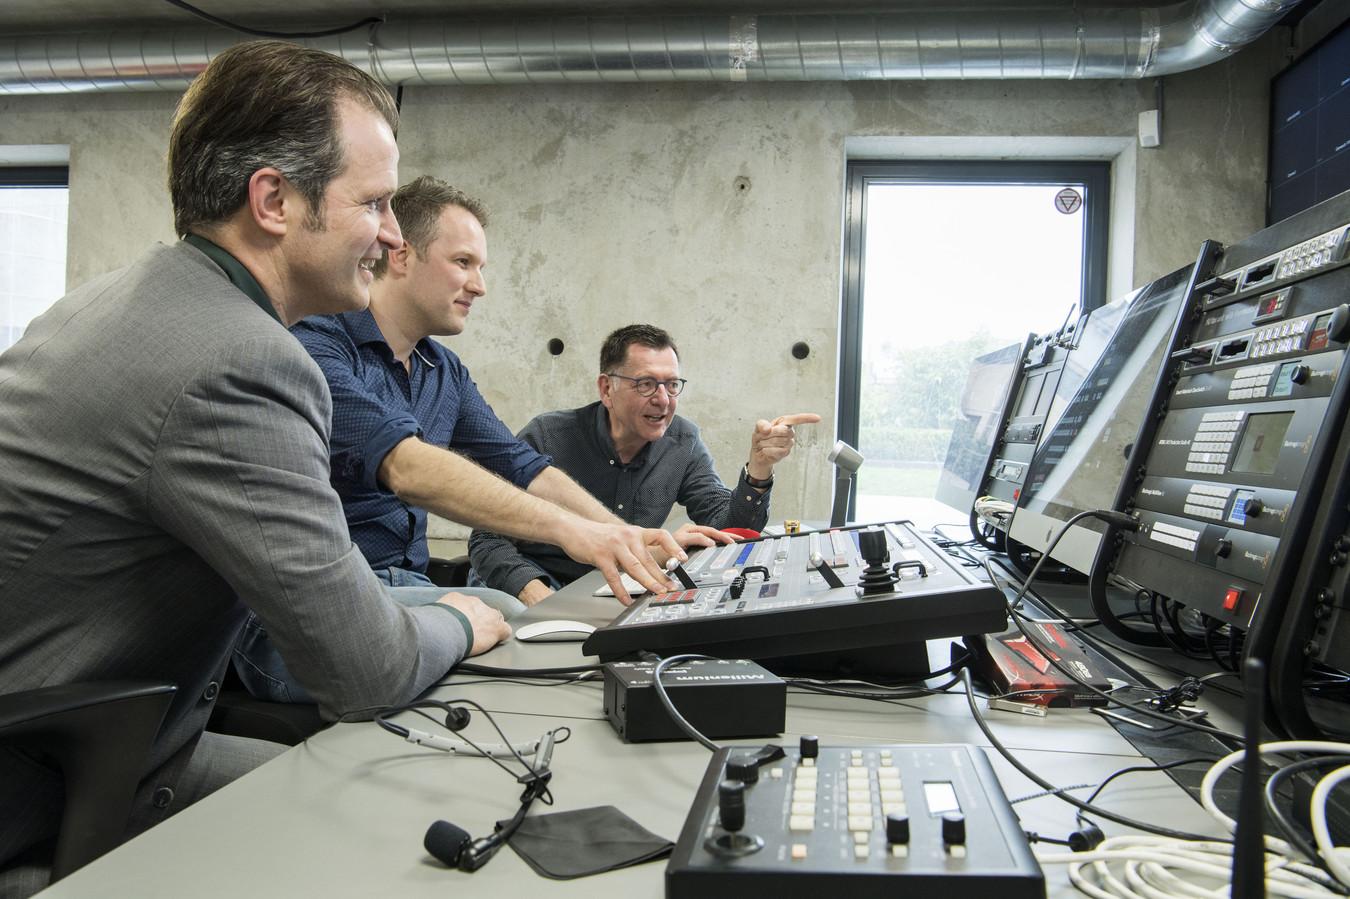 Hoofdredacteur Henk ten Harkel (rechts), beeldcoördinator Arjan Kremer en directeur Flip van Willigen (links) in de studio van 1Twente.